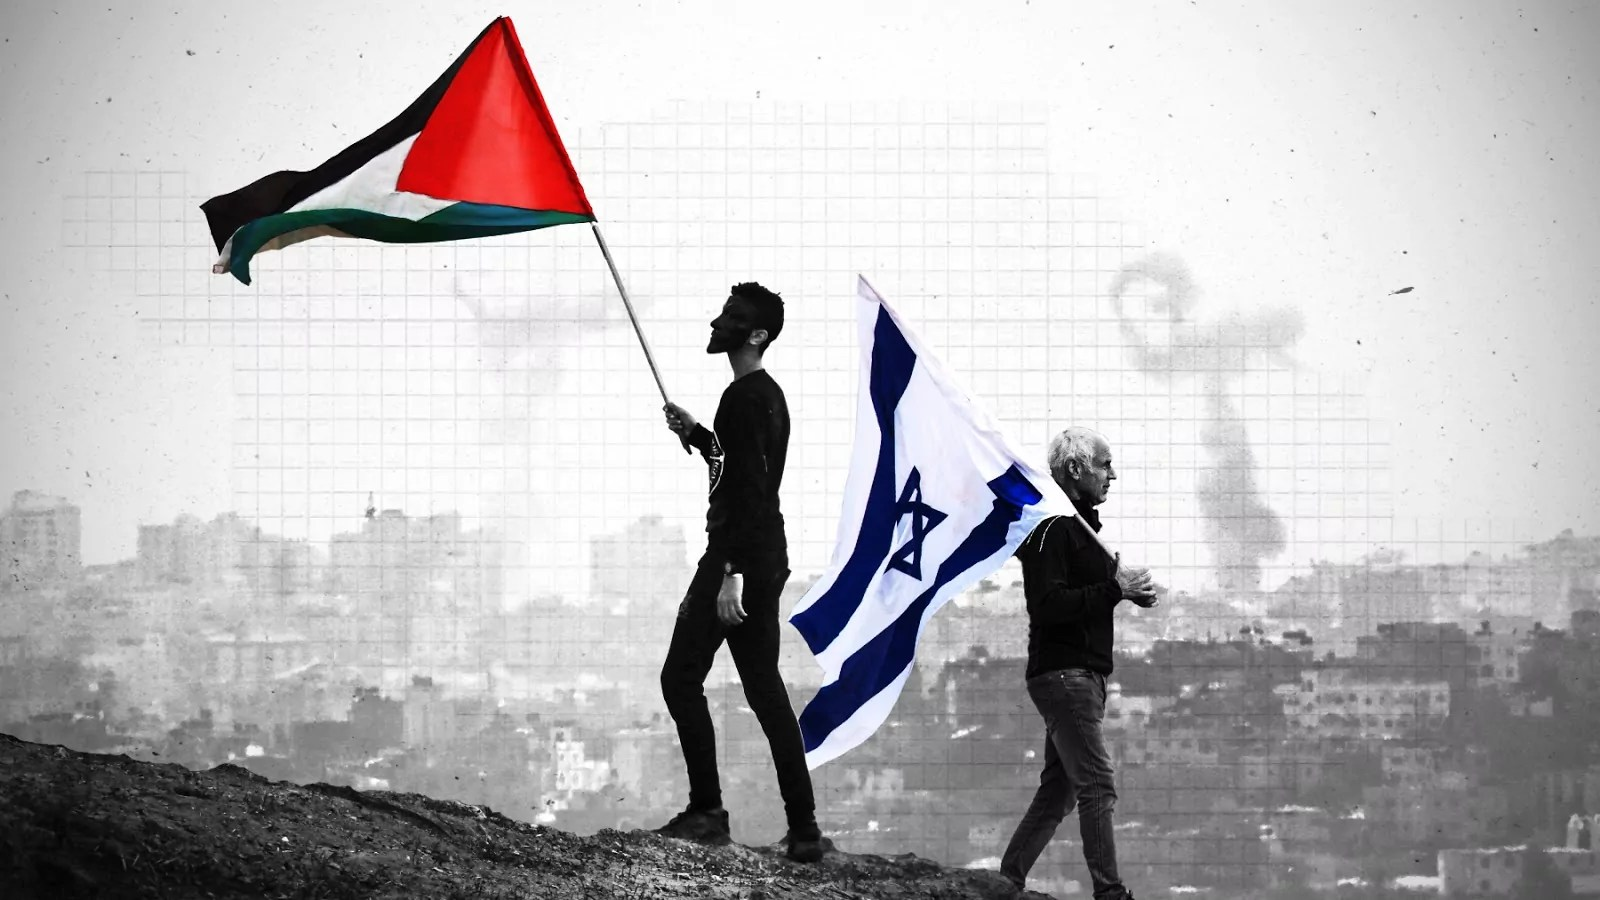 Si dirigentes palestinos, tanto de Hamás como de la AP aceptan negociar, implica que aceptan la existencia de Israel, su derecho a existir